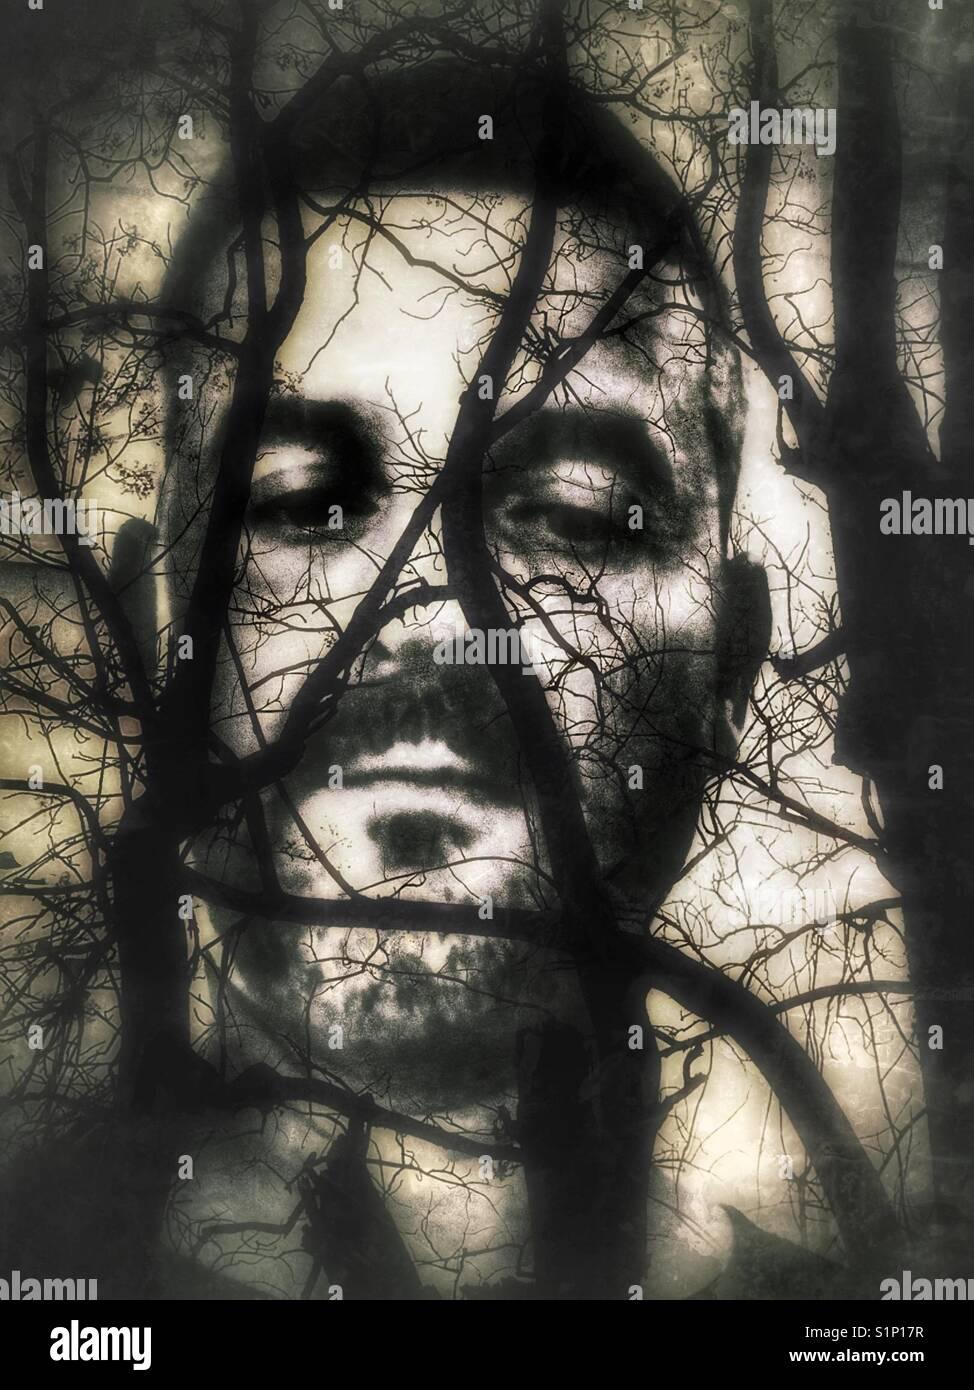 Multi-exposure konzeptionelle eines erwachsenen Männer Gesicht hinter knorrigen Ästen. Stockbild